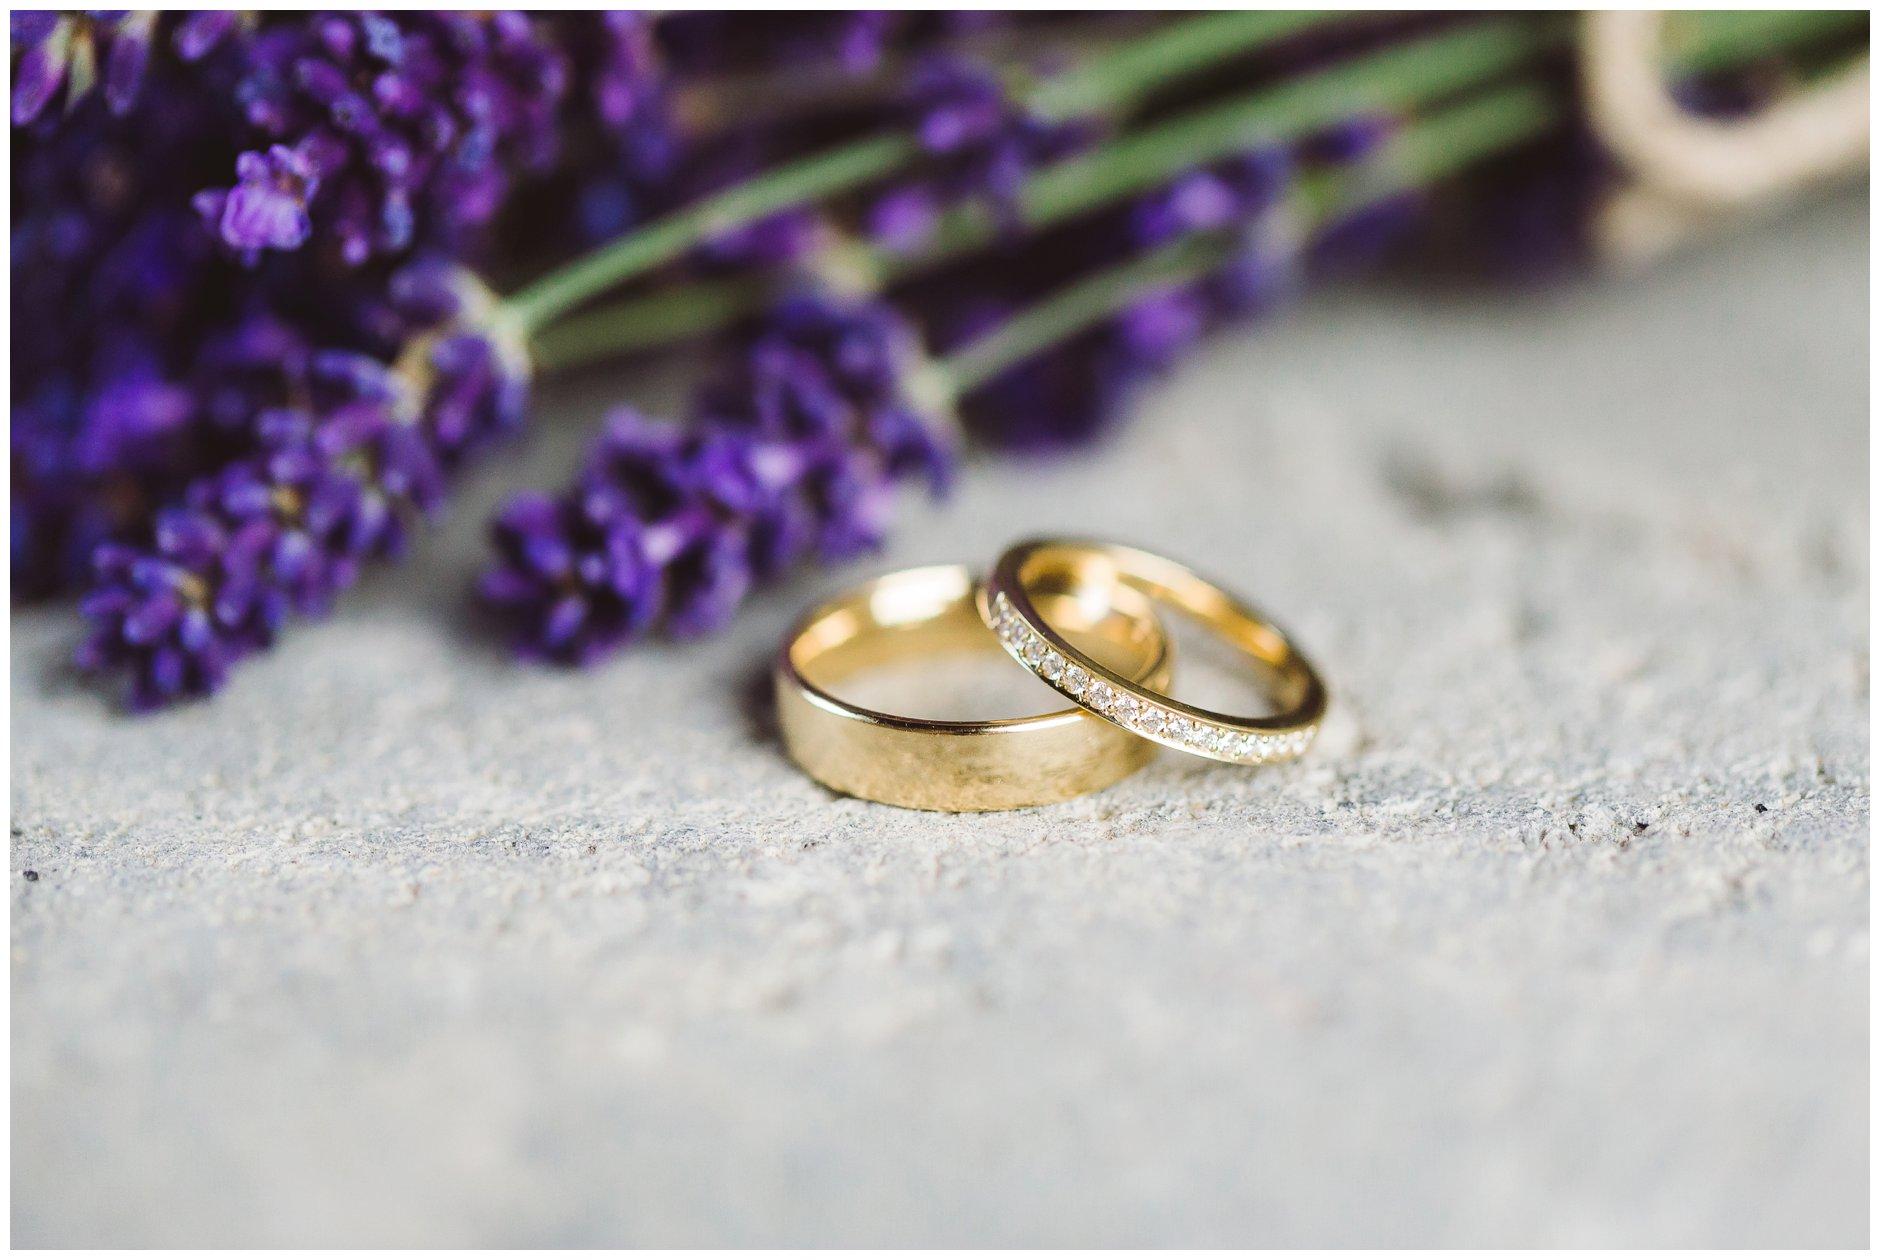 Bryllupsdetaljer med gullringer og diamanter samt lavendel